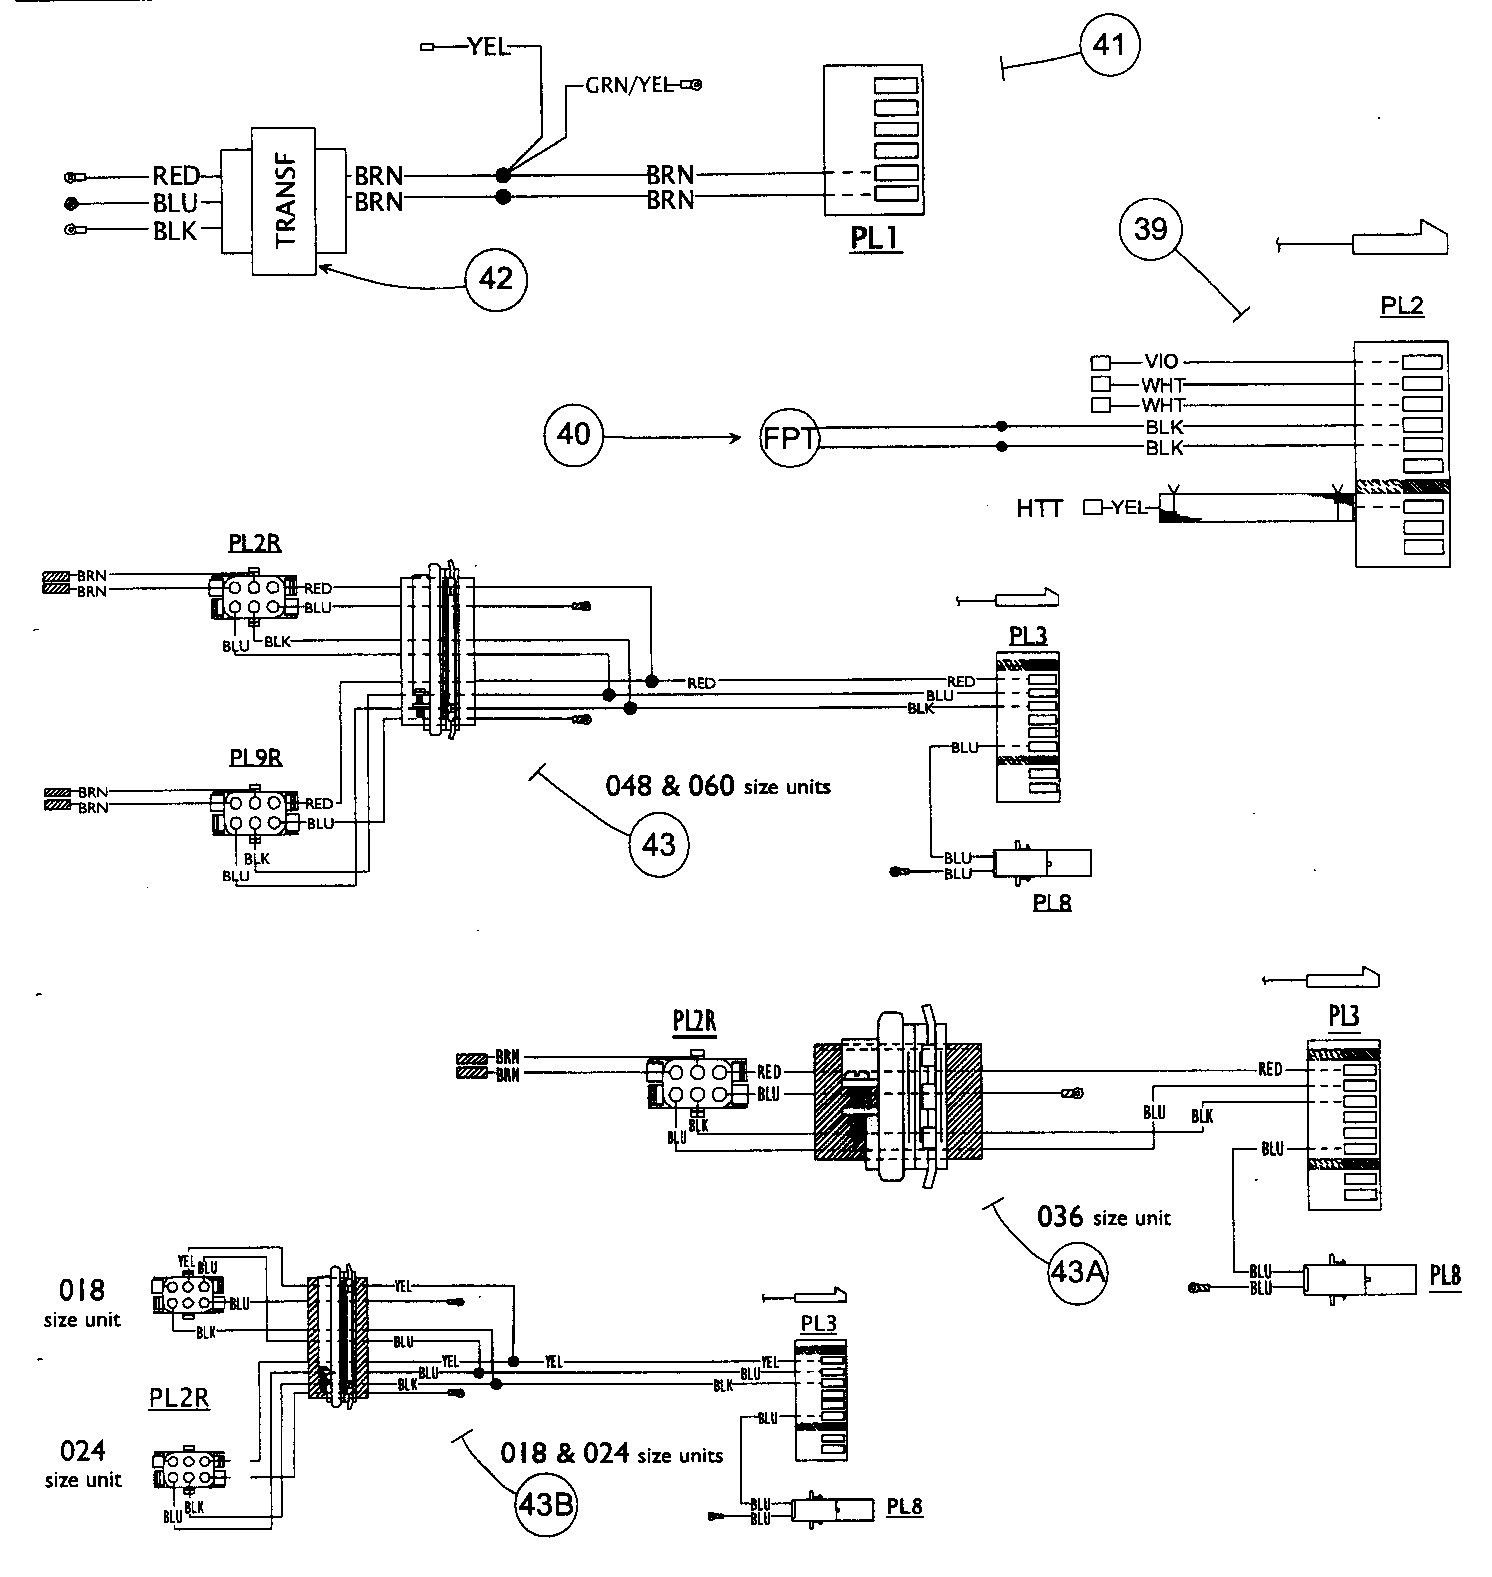 Unique Ac Circuit Diagram Diagram Wiringdiagram Diagramming Diagramm Visuals Visualisation Graphical Diagram Circuit Diagram Ac Circuit